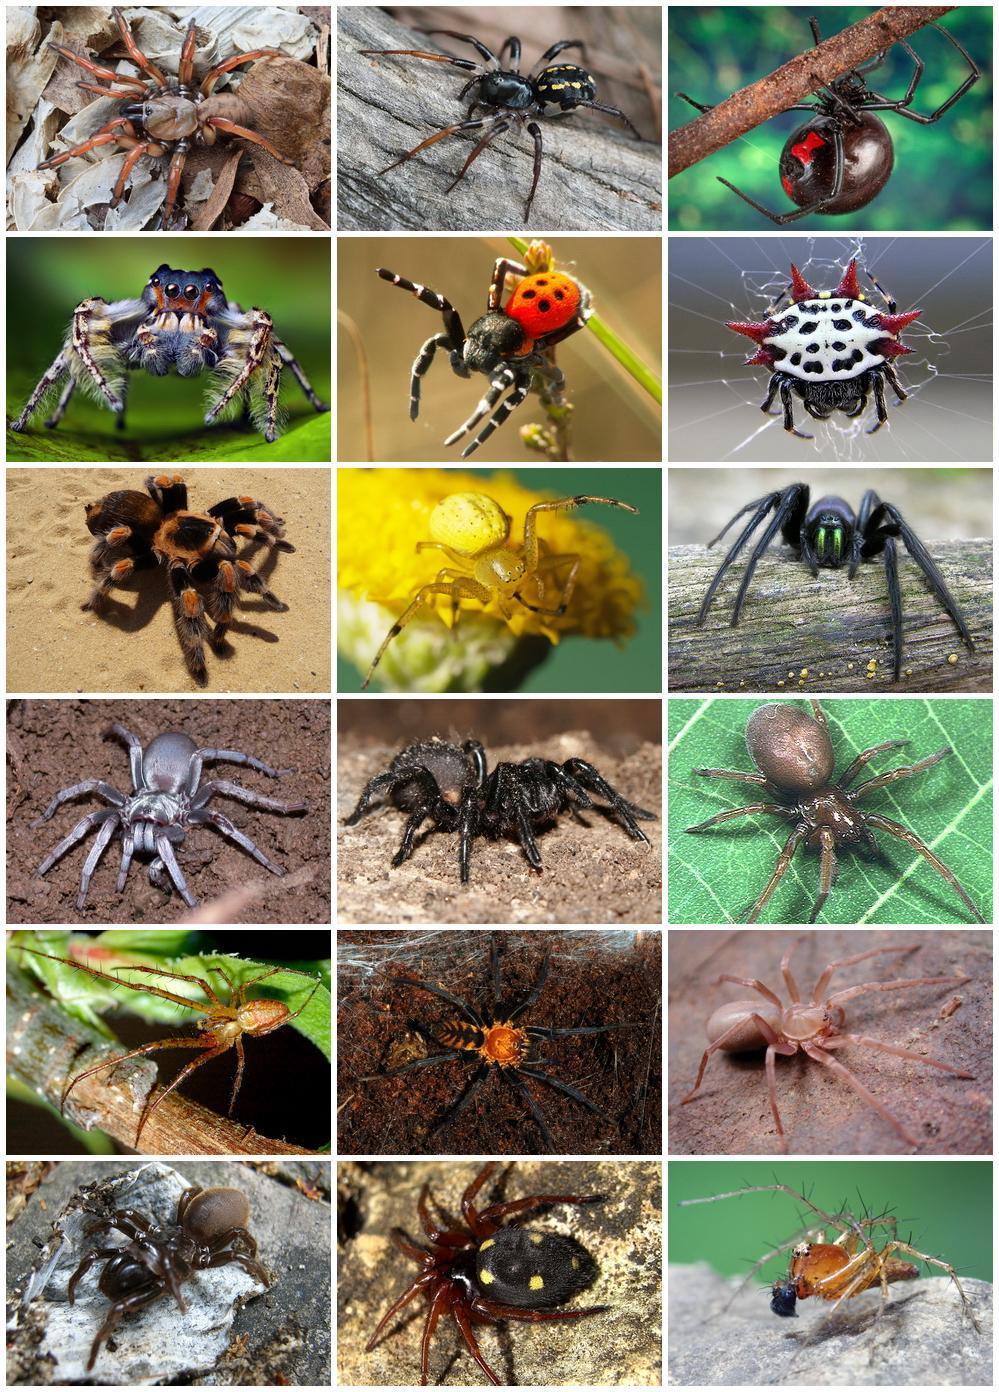 păianjeni prădători și paraziți)